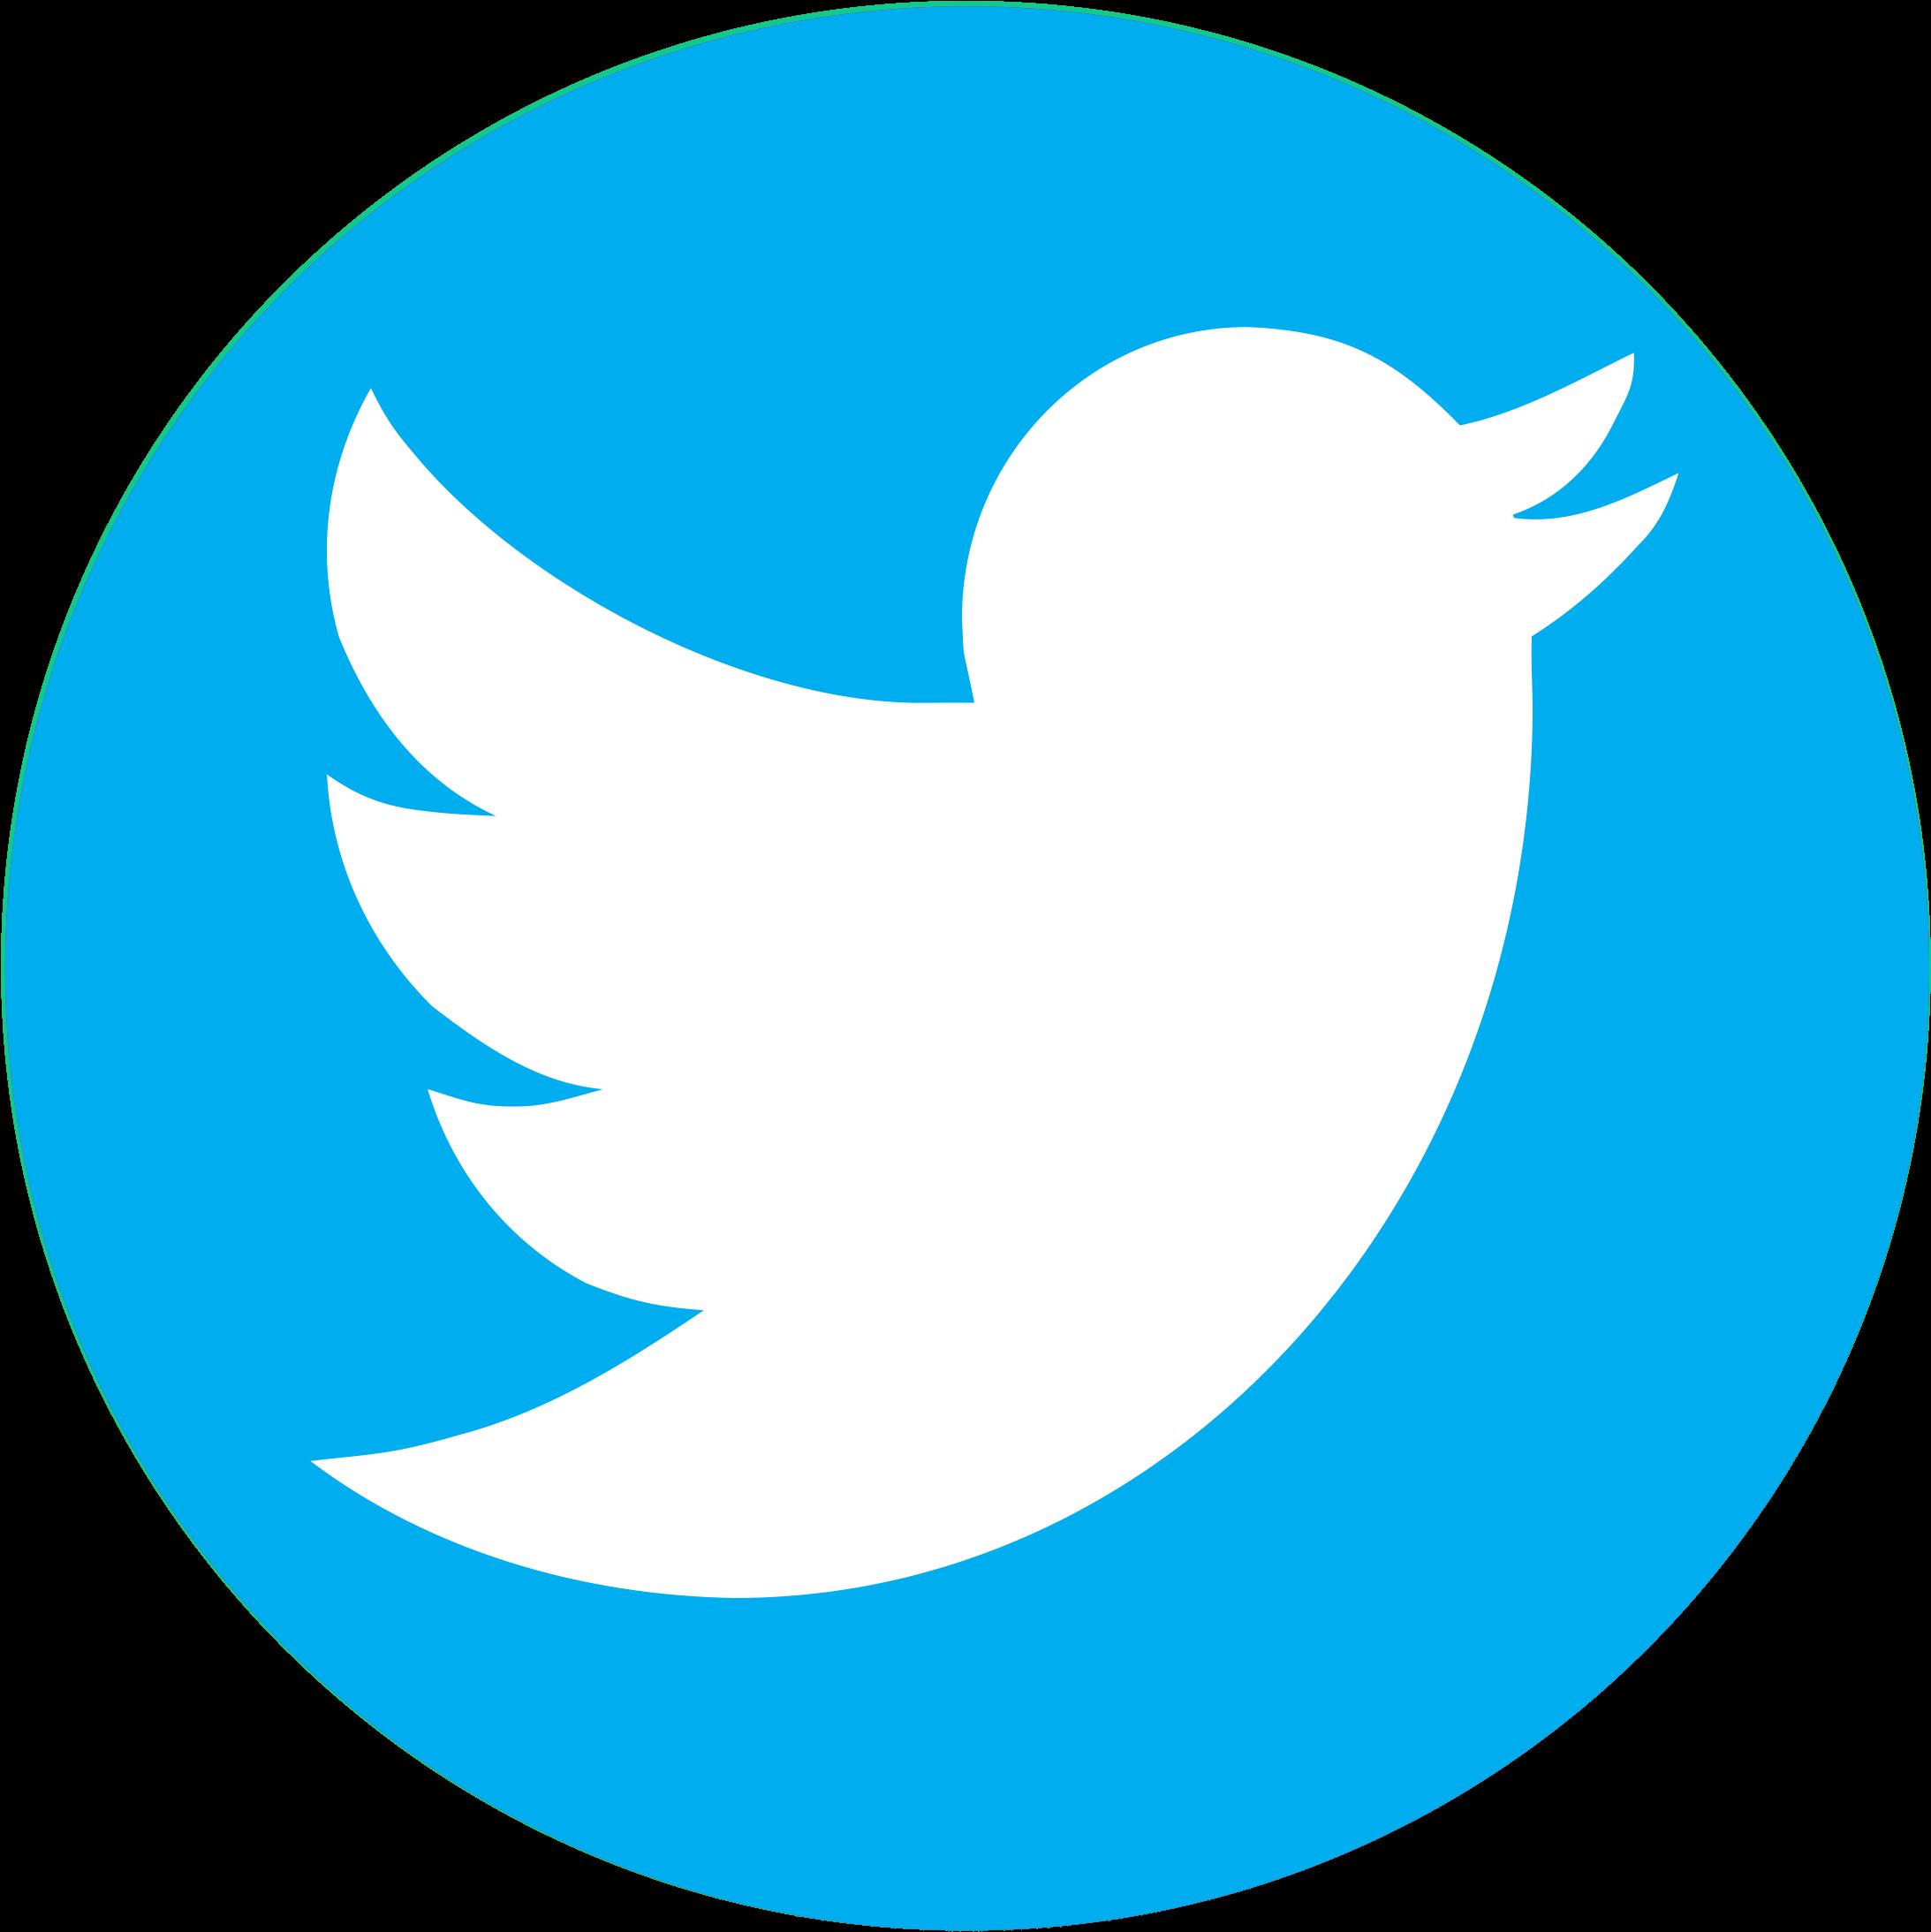 pnglot.com-twitter-bird-logo-png-139932 | OpenVisual FX